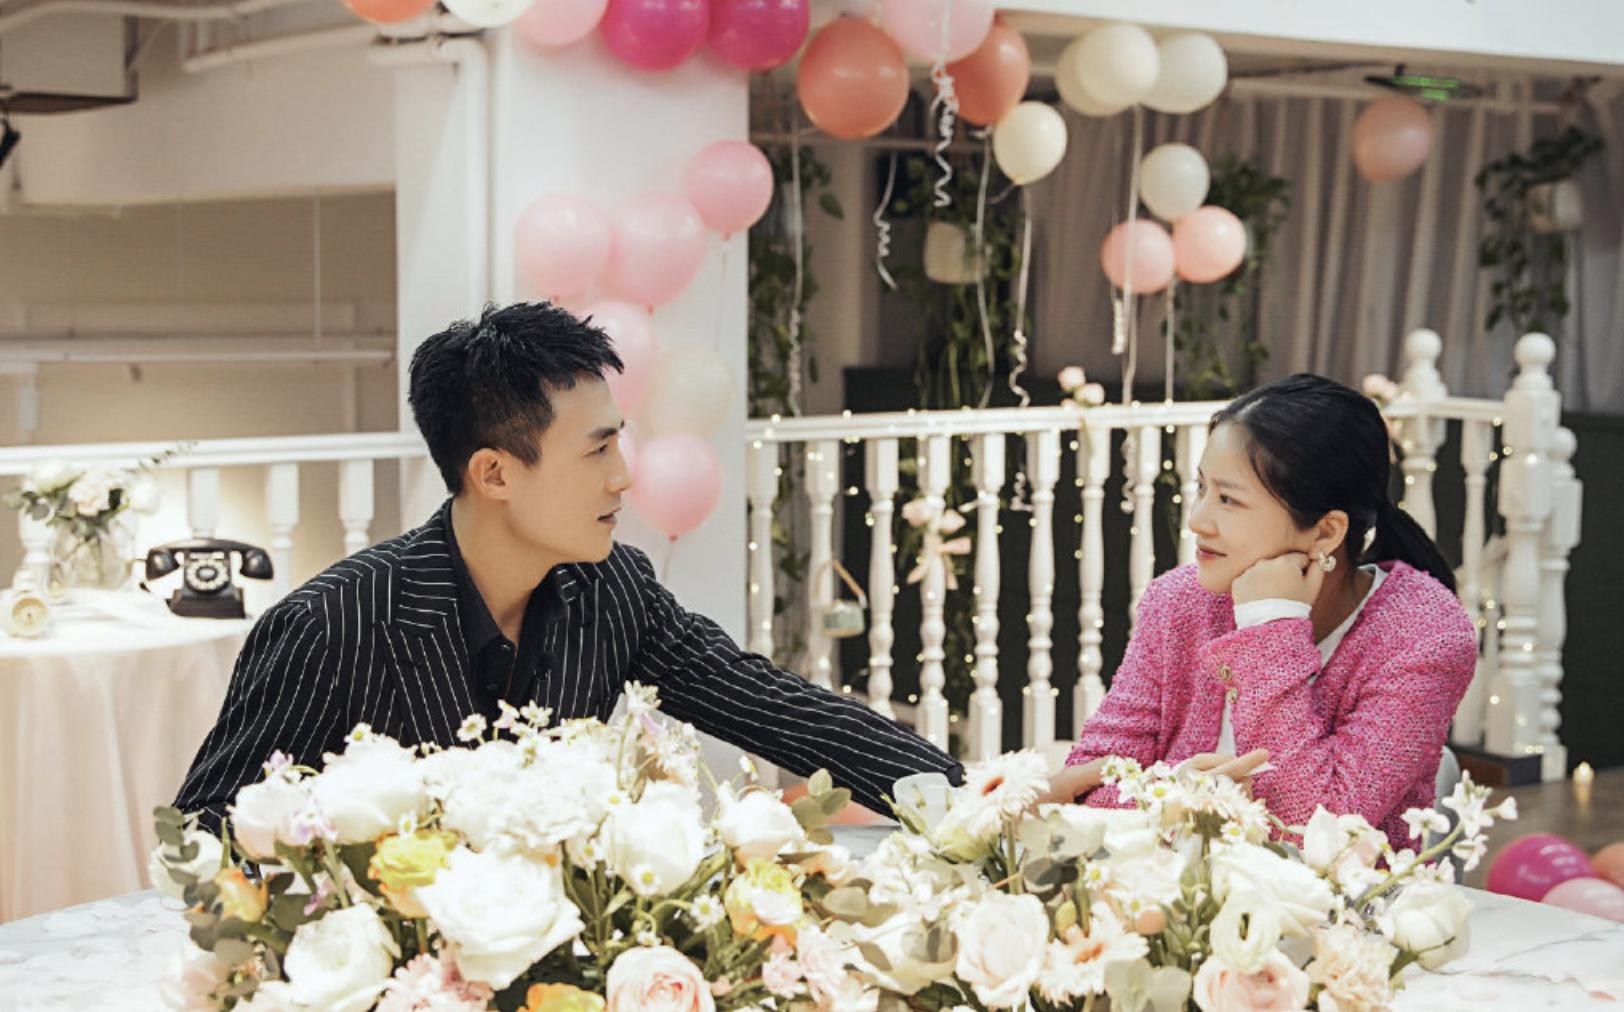 杜淳下跪向王灿惊喜求婚,为对方戴钻戒后甜蜜接吻,堪比偶像剧